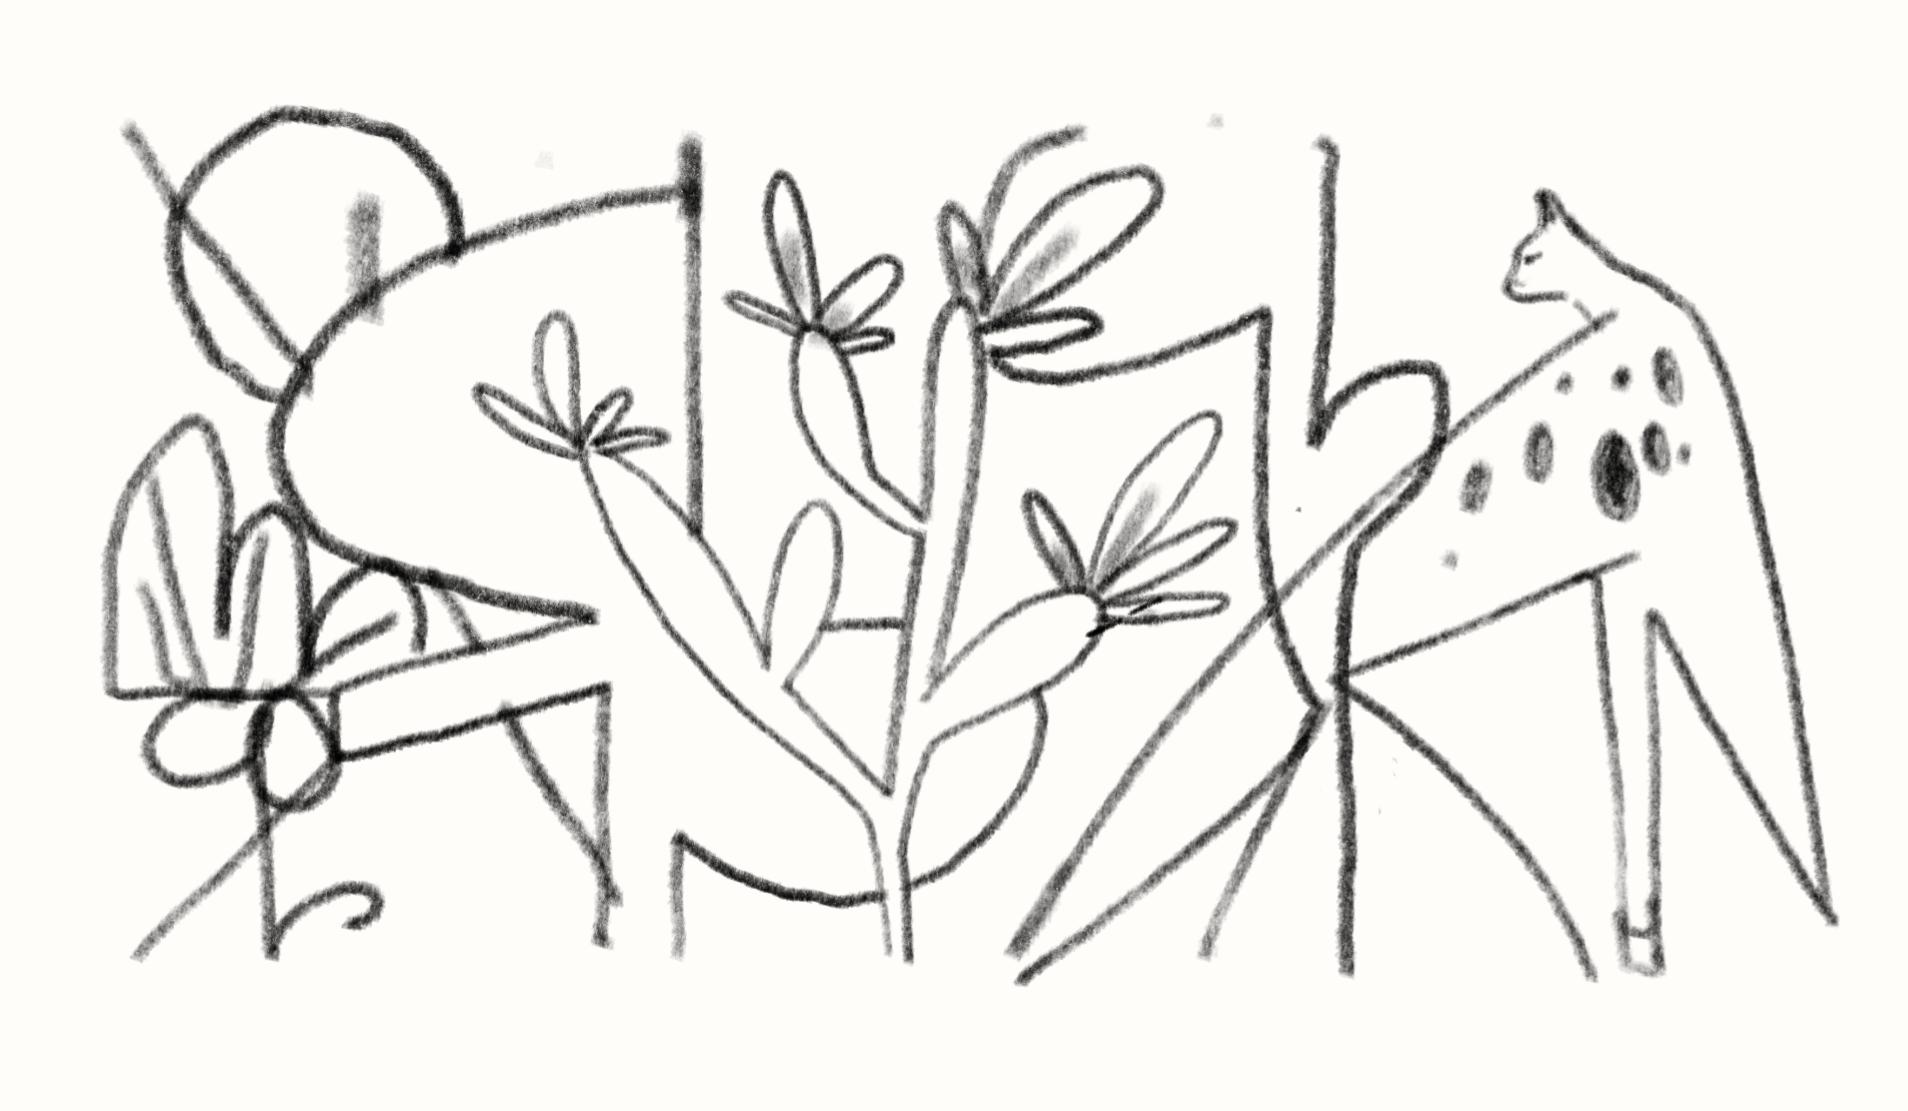 Gabe_Nolema_Sketch